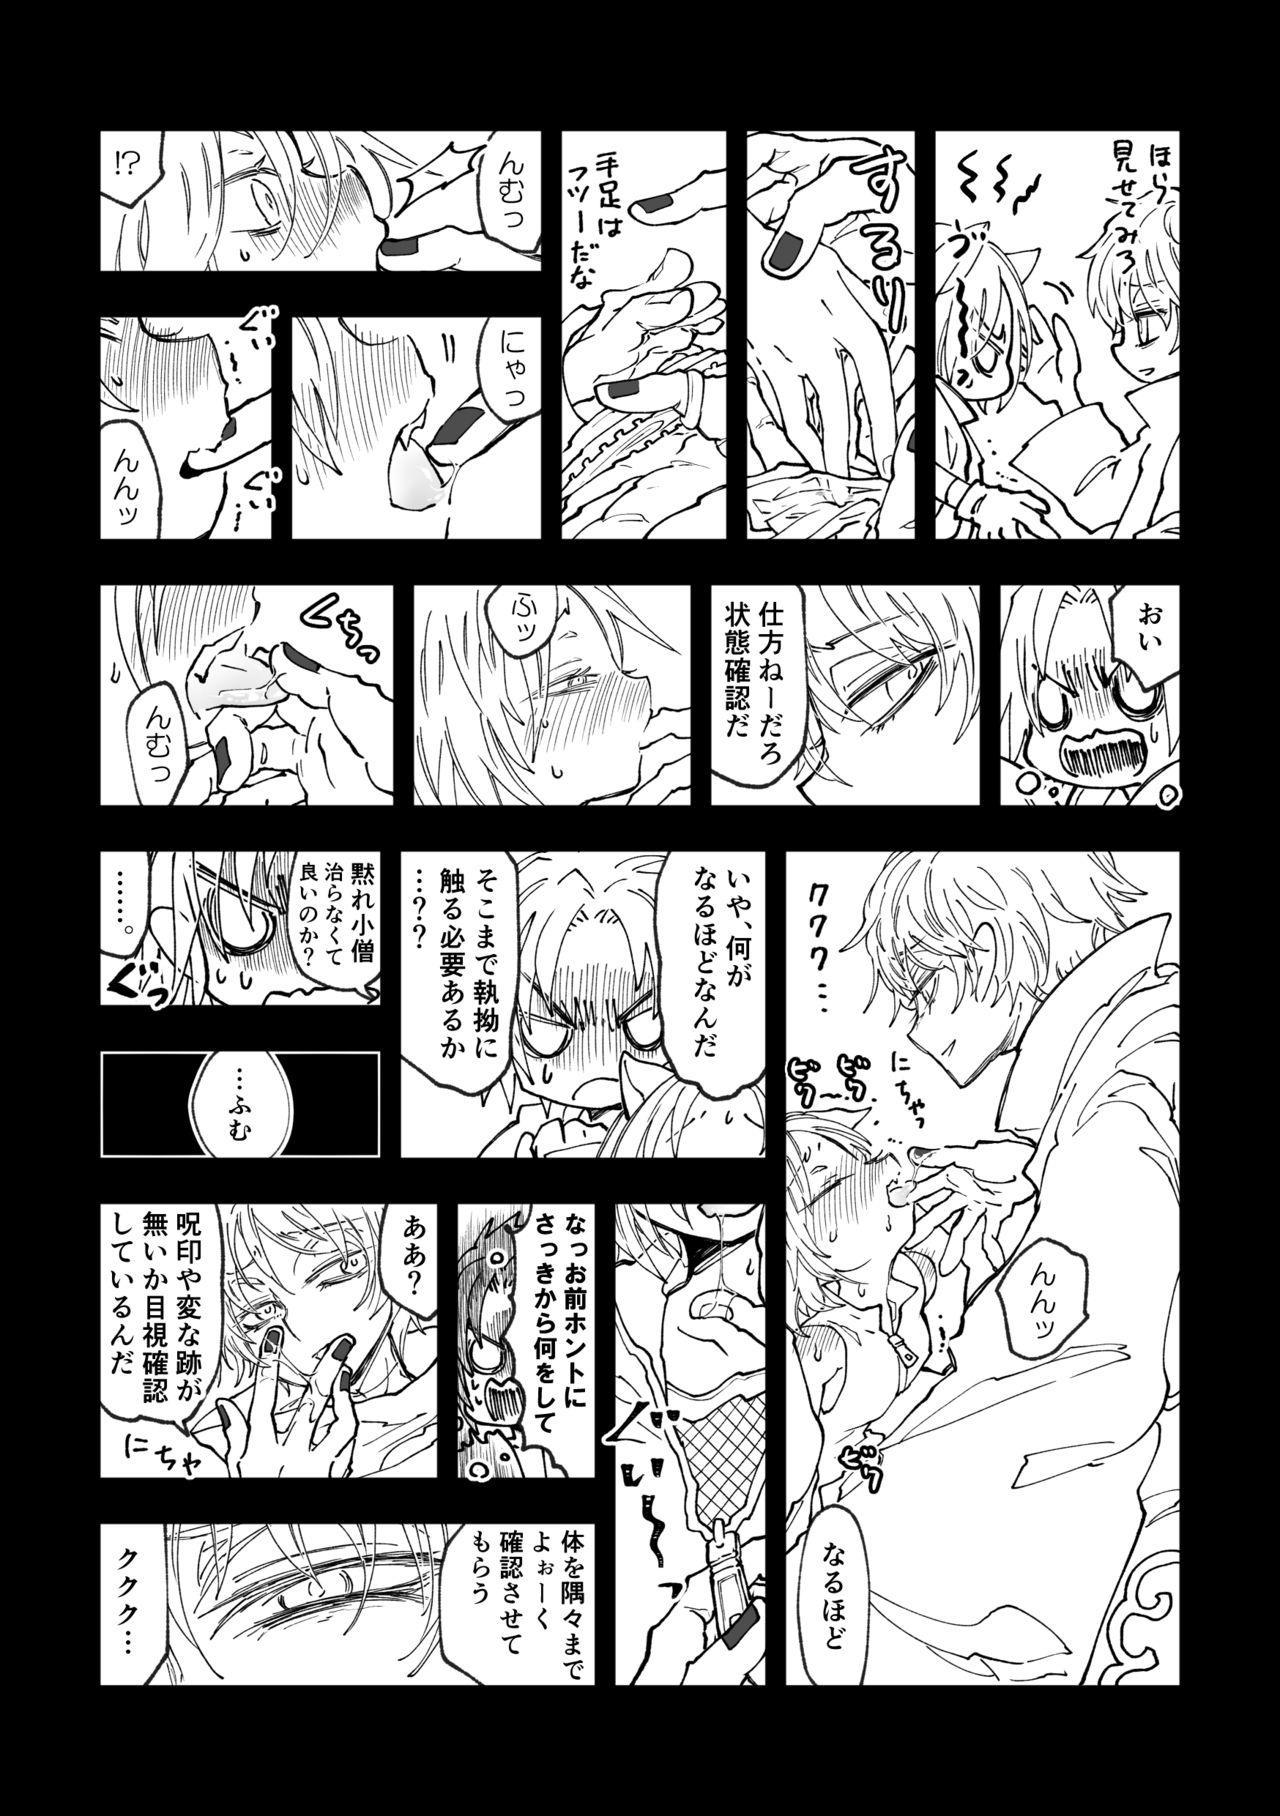 Nyan Nyan Sakura-chan 5